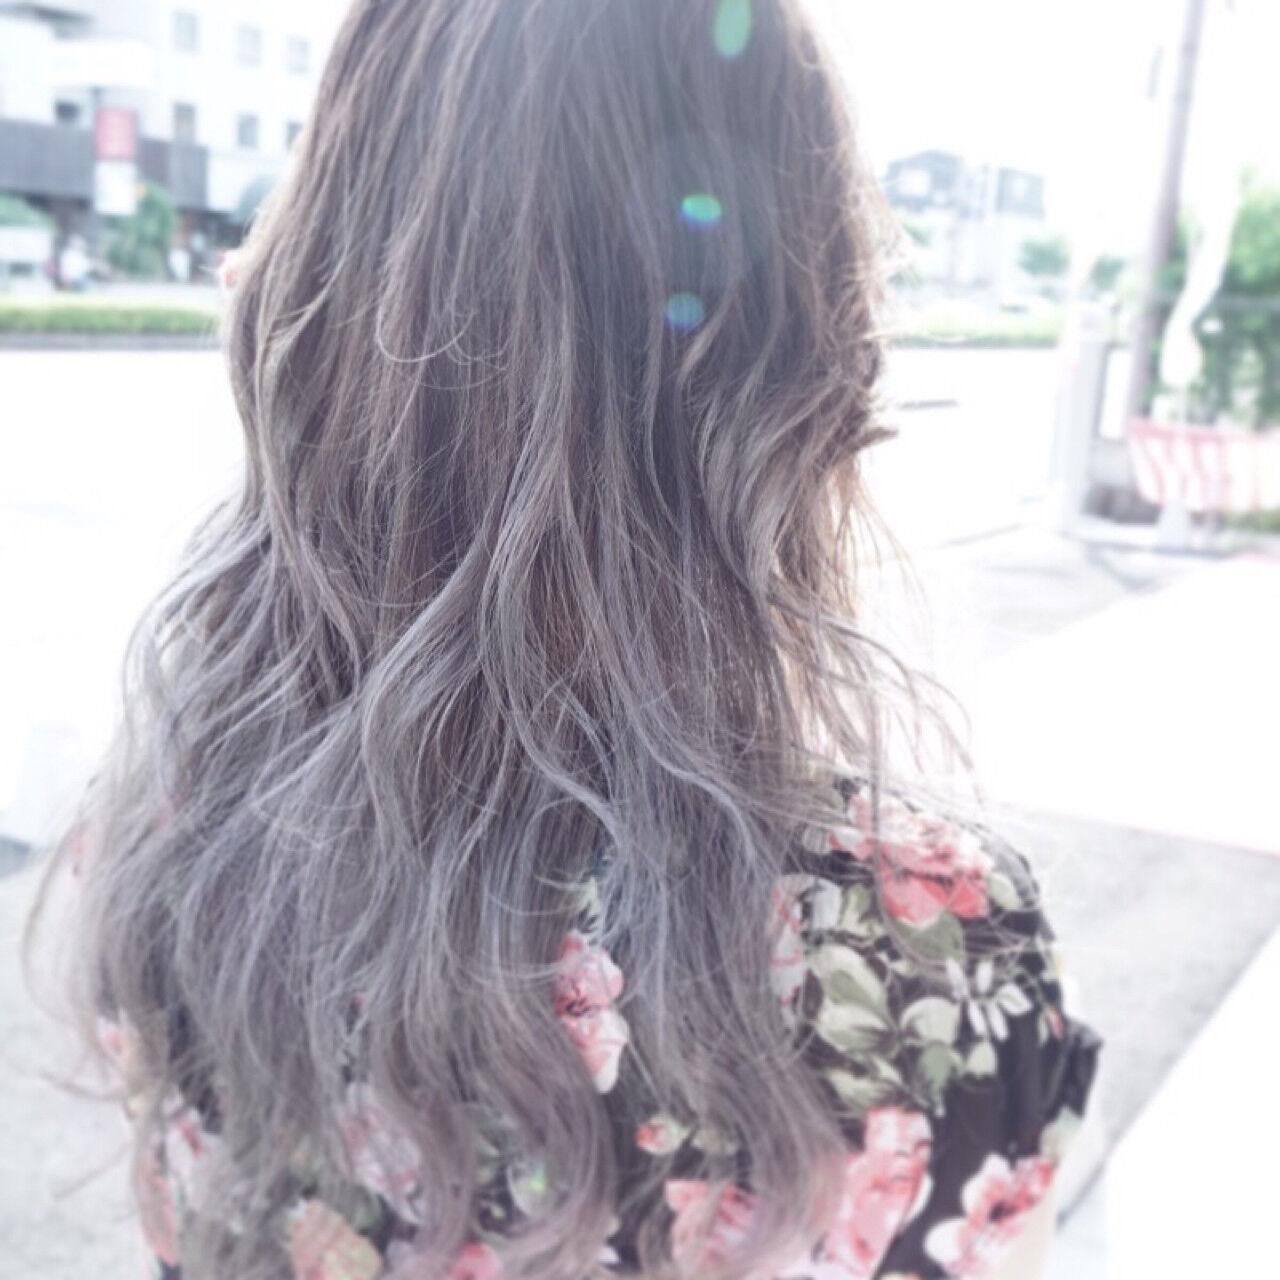 ストリート 外国人風 アッシュ グレージュヘアスタイルや髪型の写真・画像